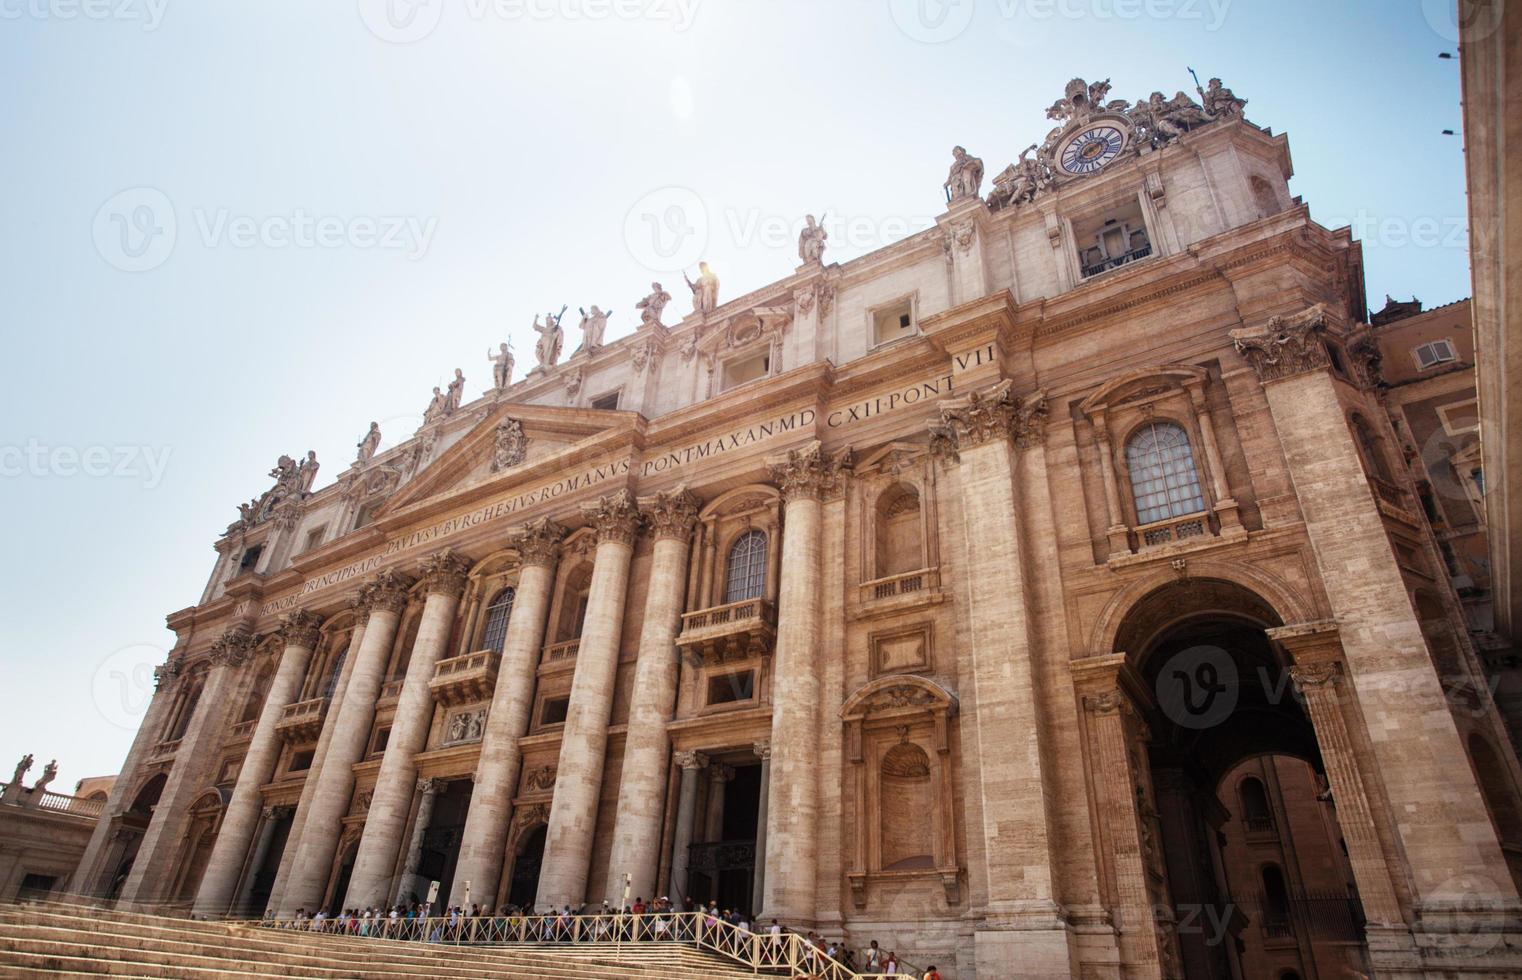 catedral de são peters foto